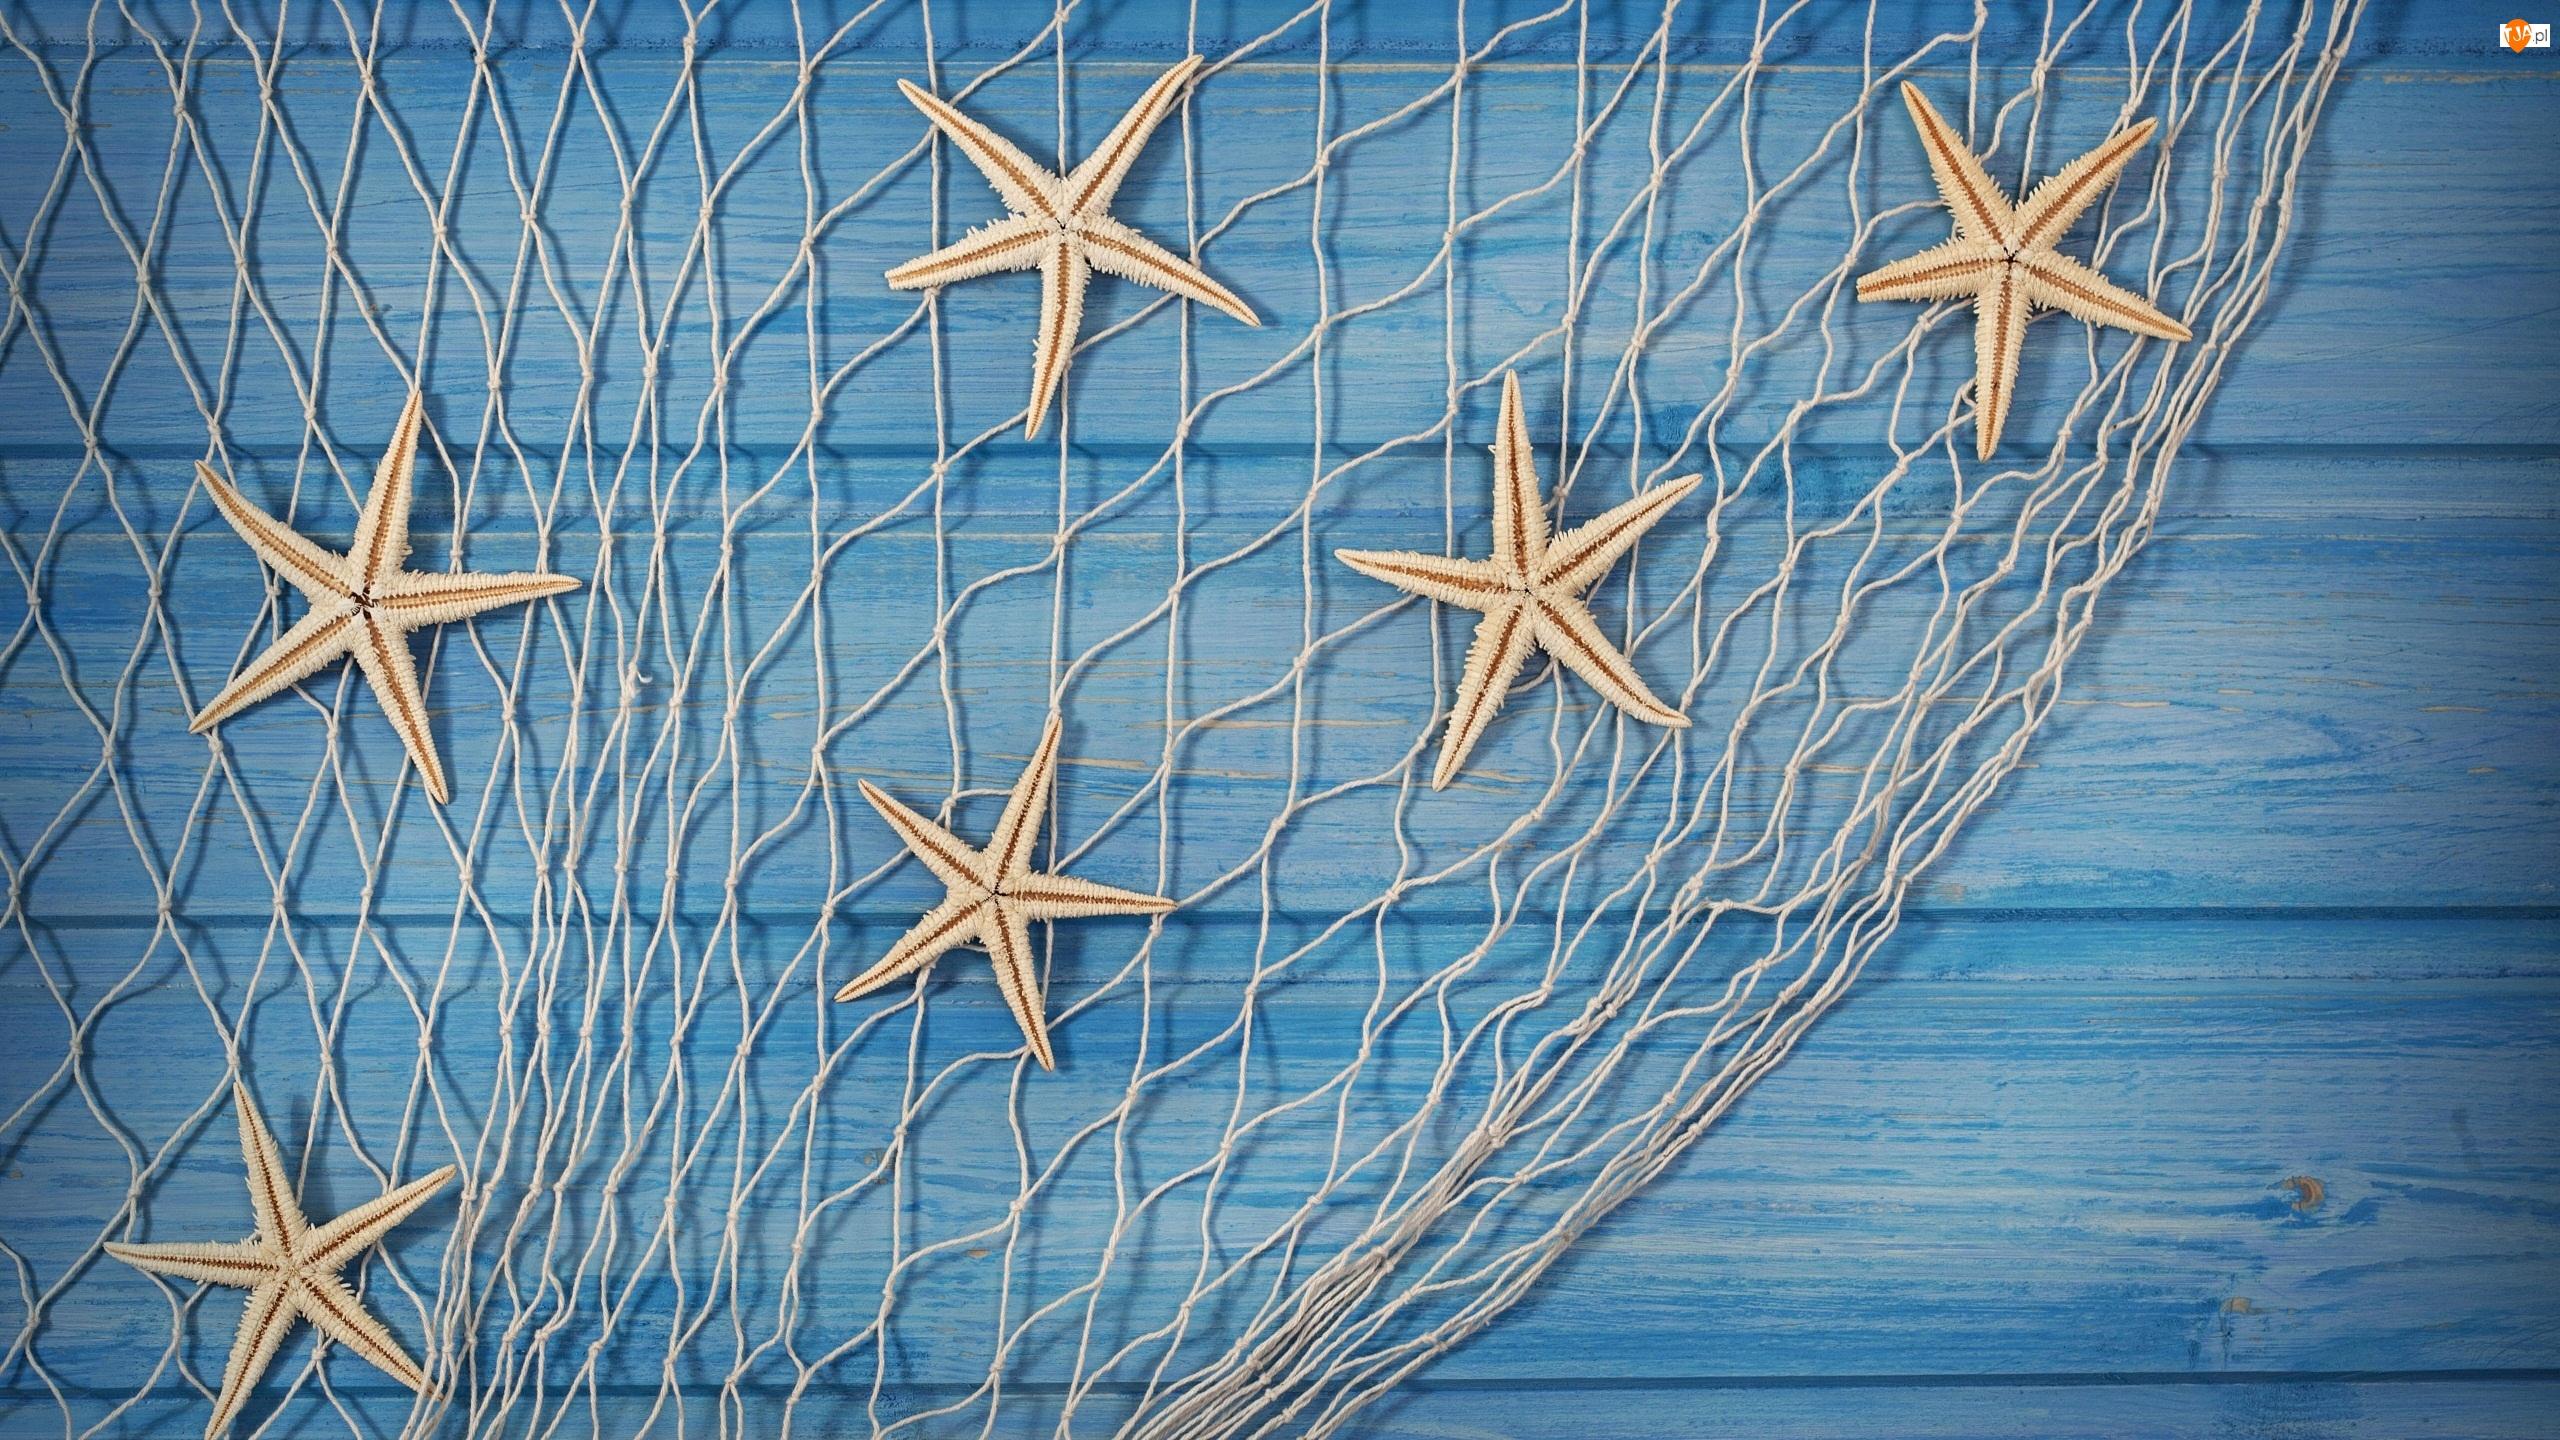 Rozgwiazdy, Dekoracja, Siatka